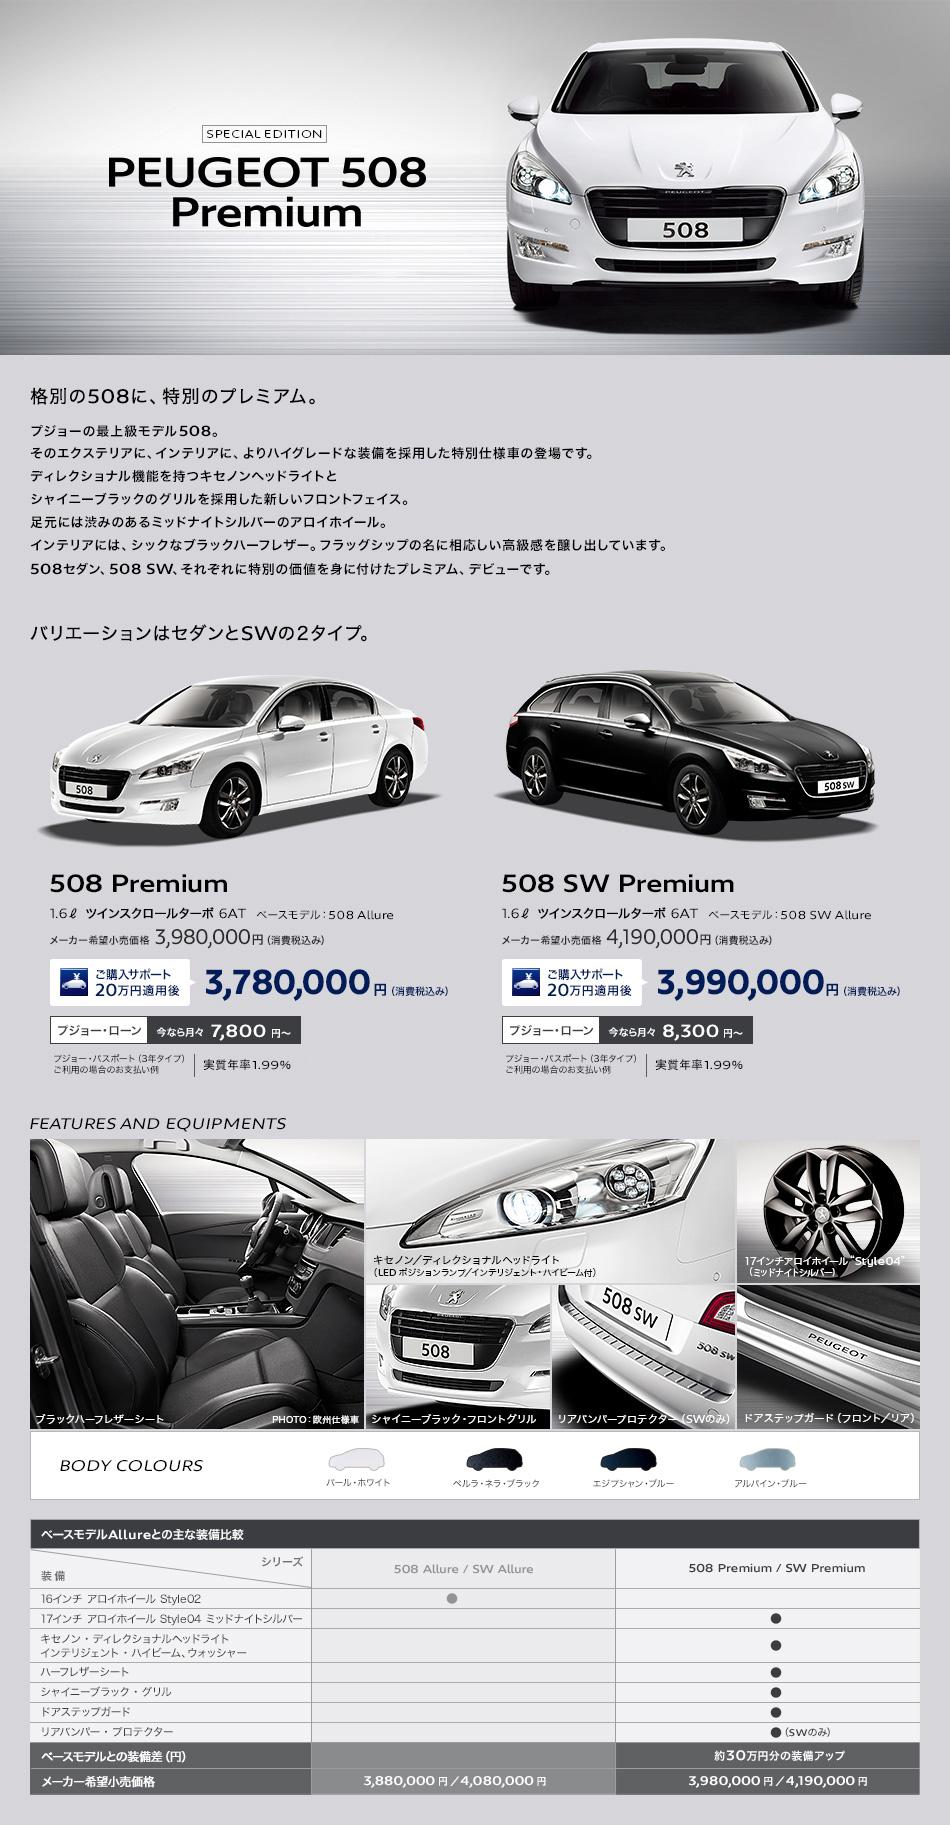 PEUGEOT 508 Premium_セクション1